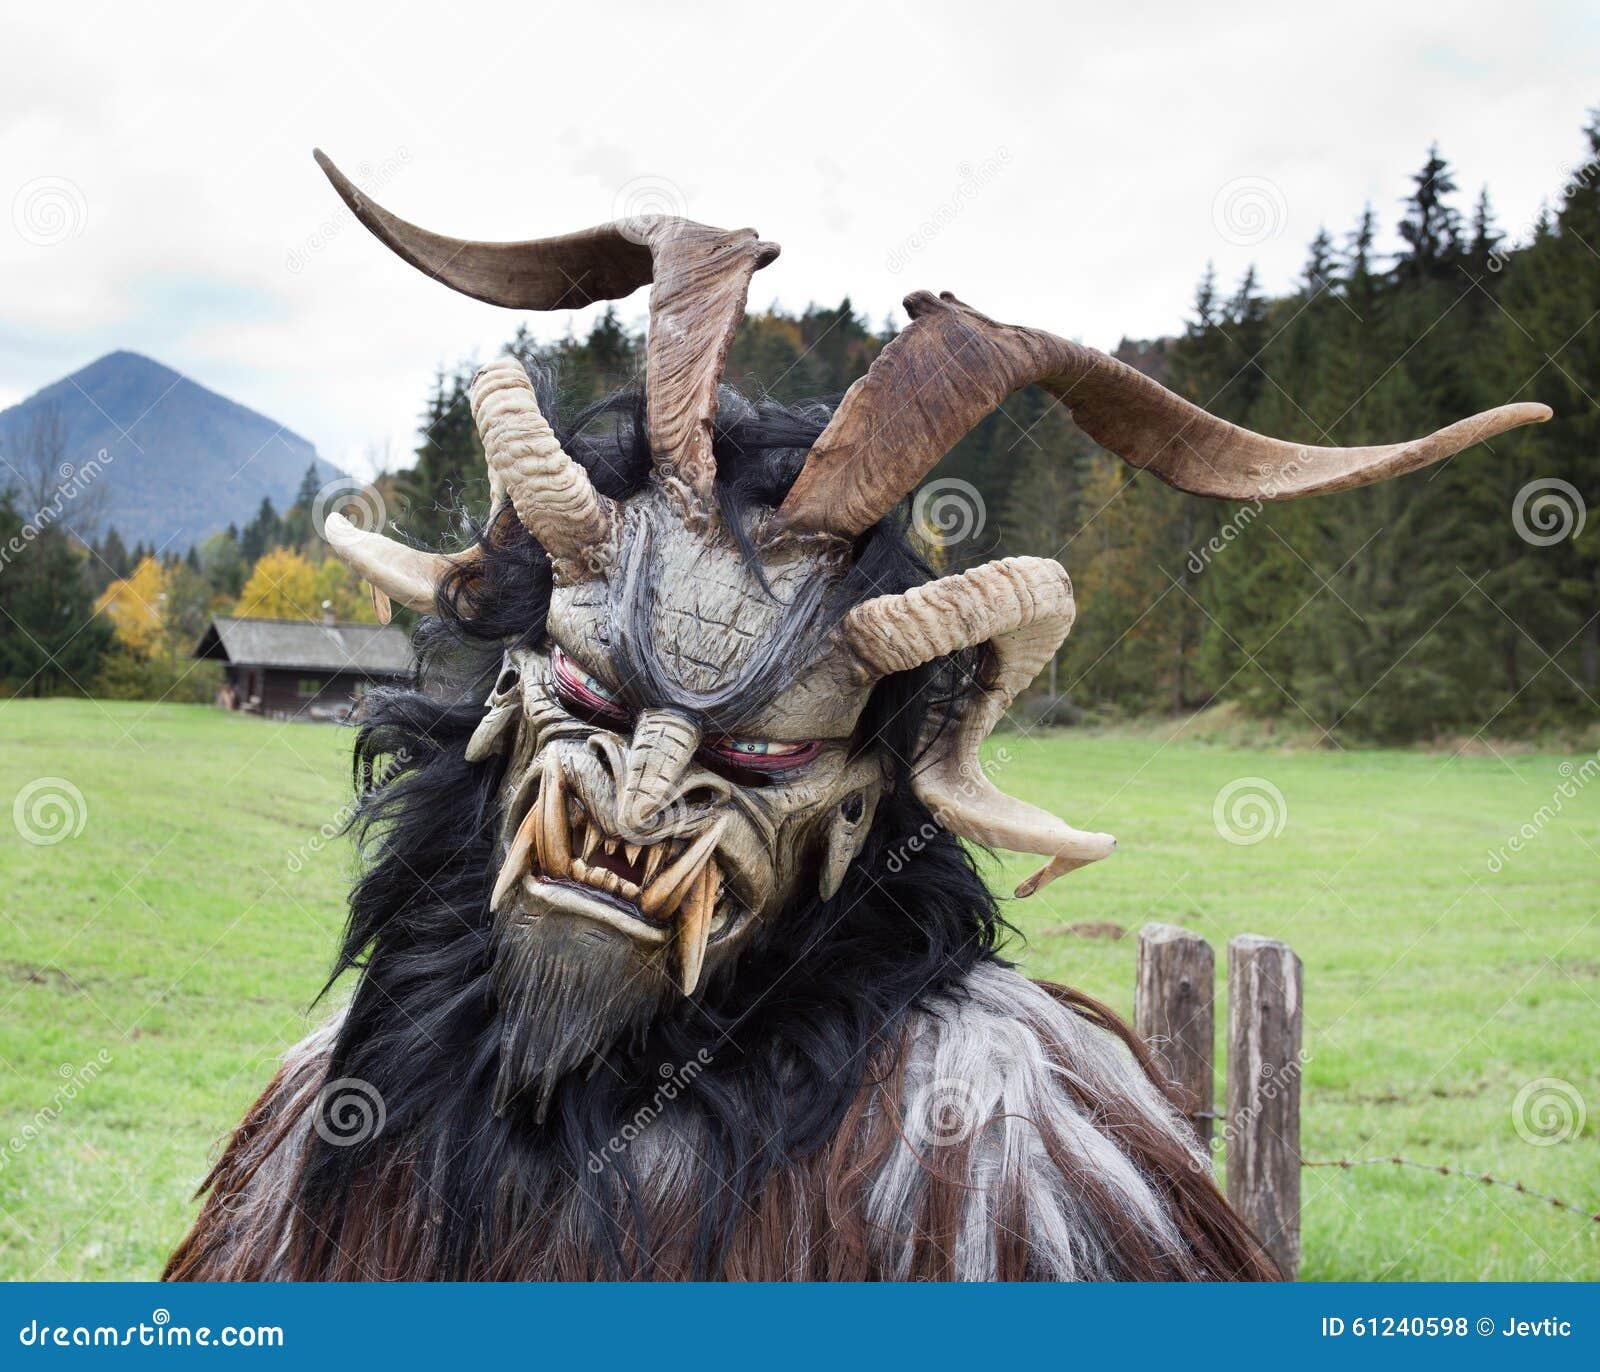 Krampus Mask Stock Images Download 177 Royalty Free Photos